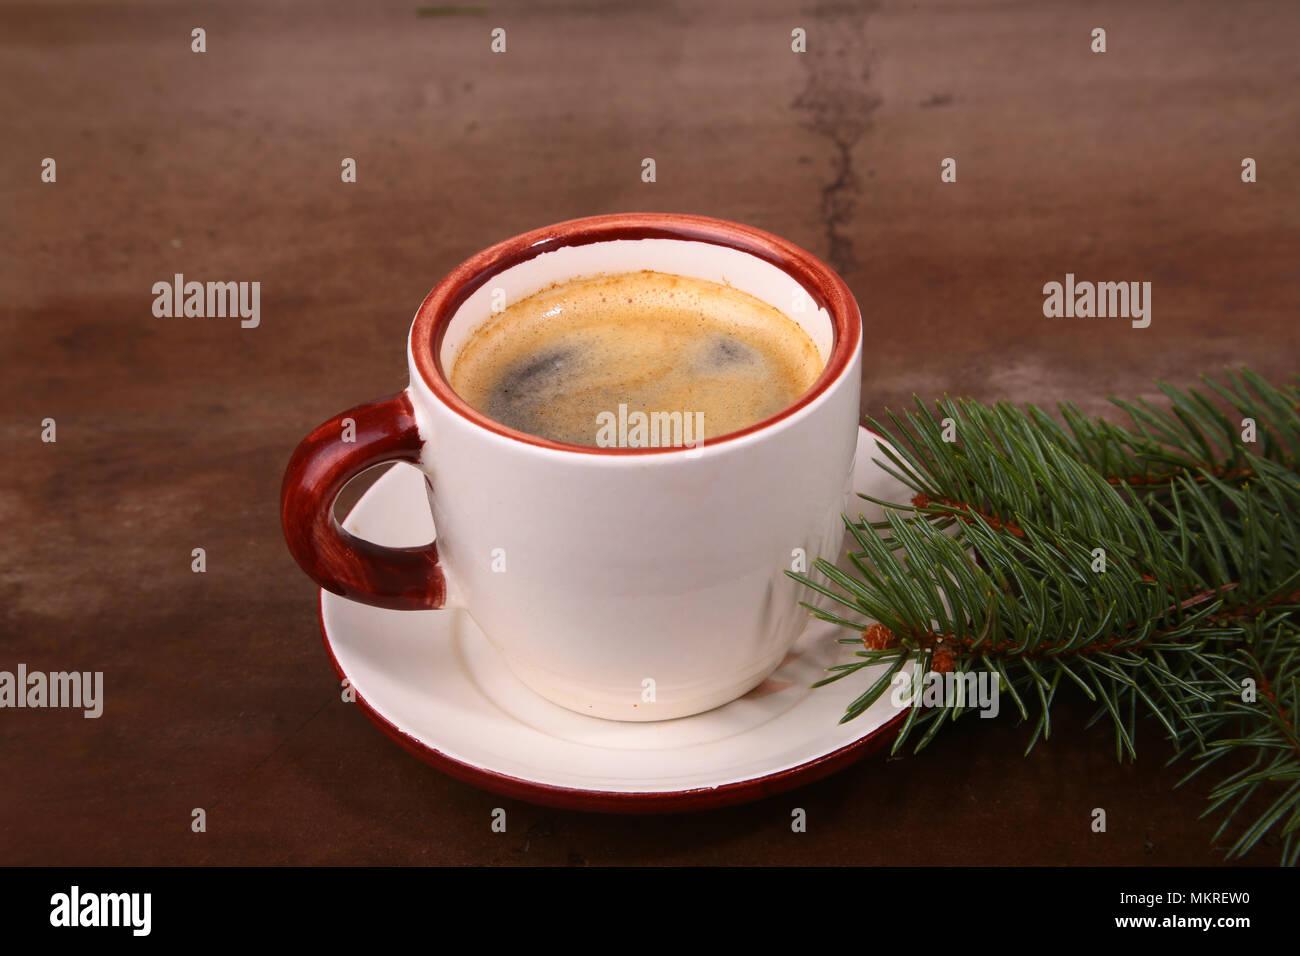 Guten Morgen oder Schönen Tag noch Frohe Weihnachten. Tasse Kaffee mit Plätzchen und frischen Tanne oder kiefer Zweig.. Stockbild